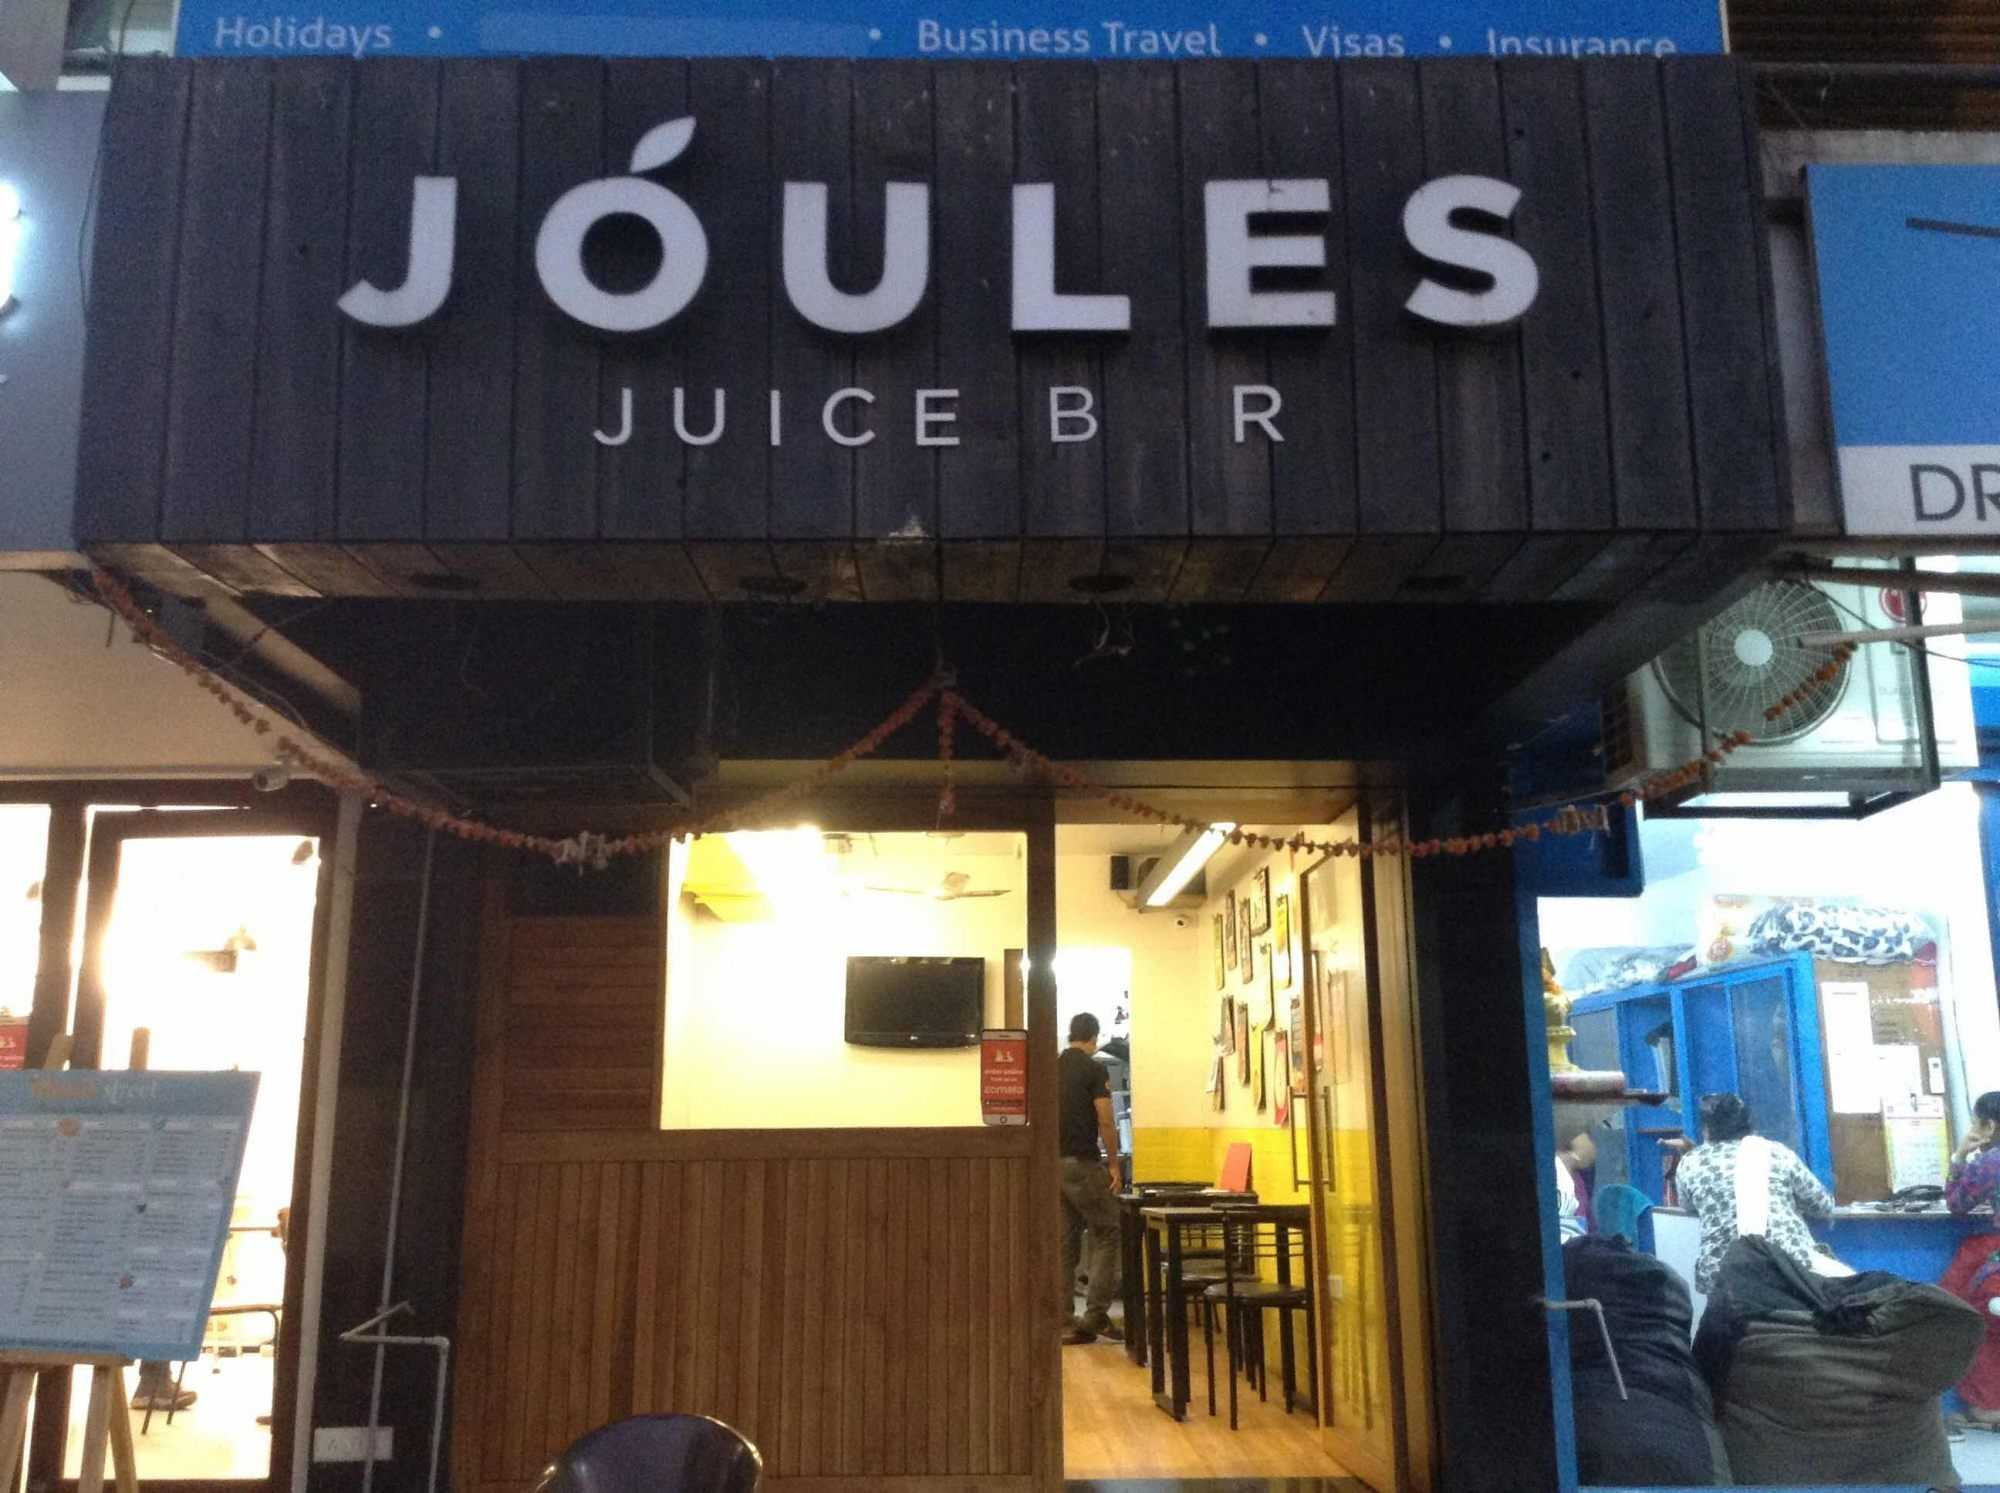 Joules - Bodakdev - Ahmedabad Image